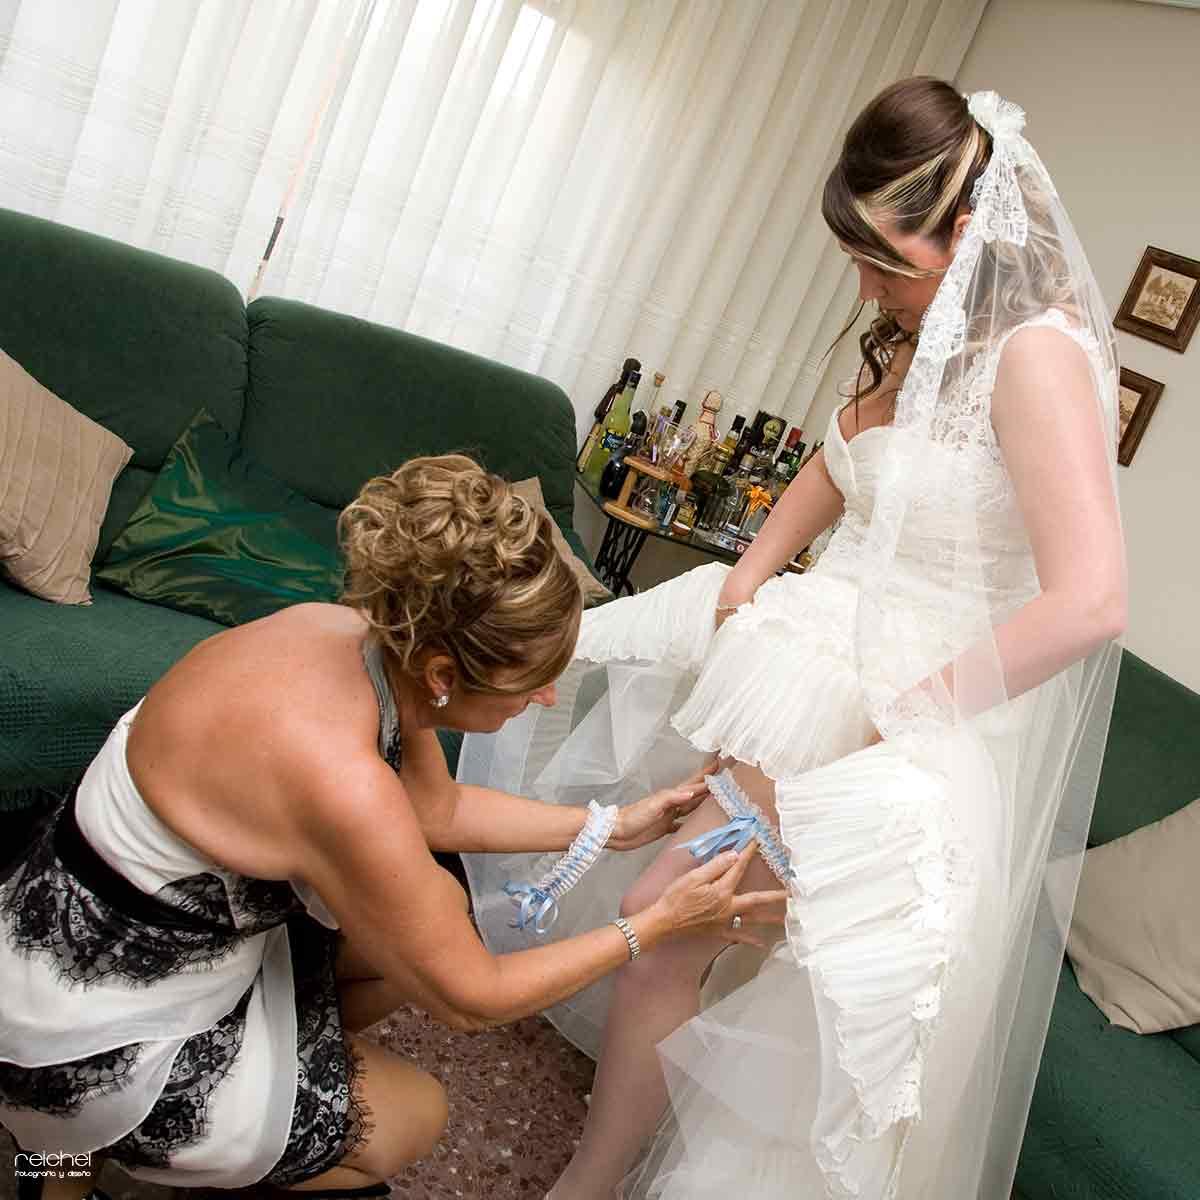 madre de la novia poniendo la liga a su hija